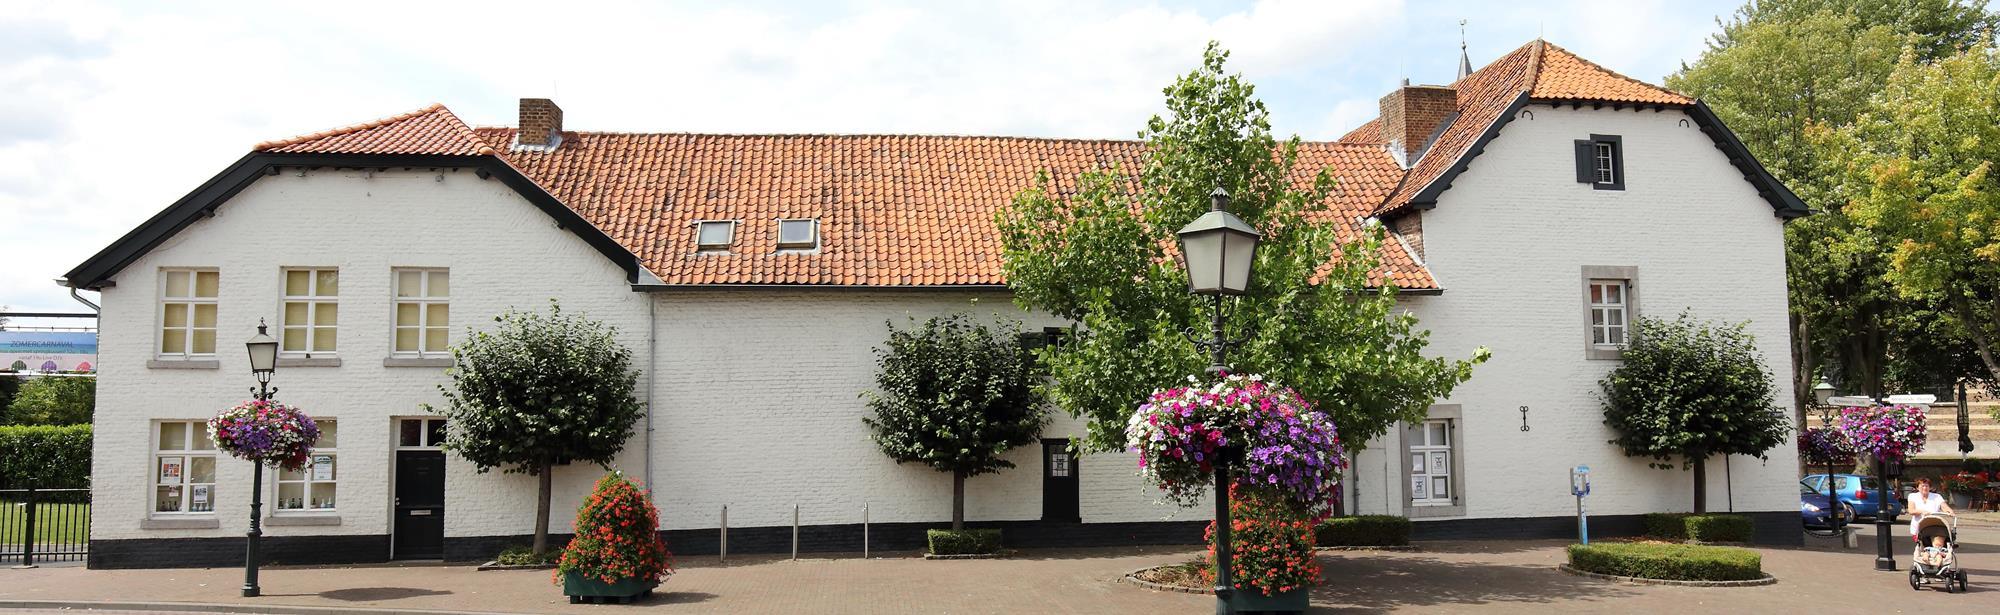 Schepenbank Oirsbeek